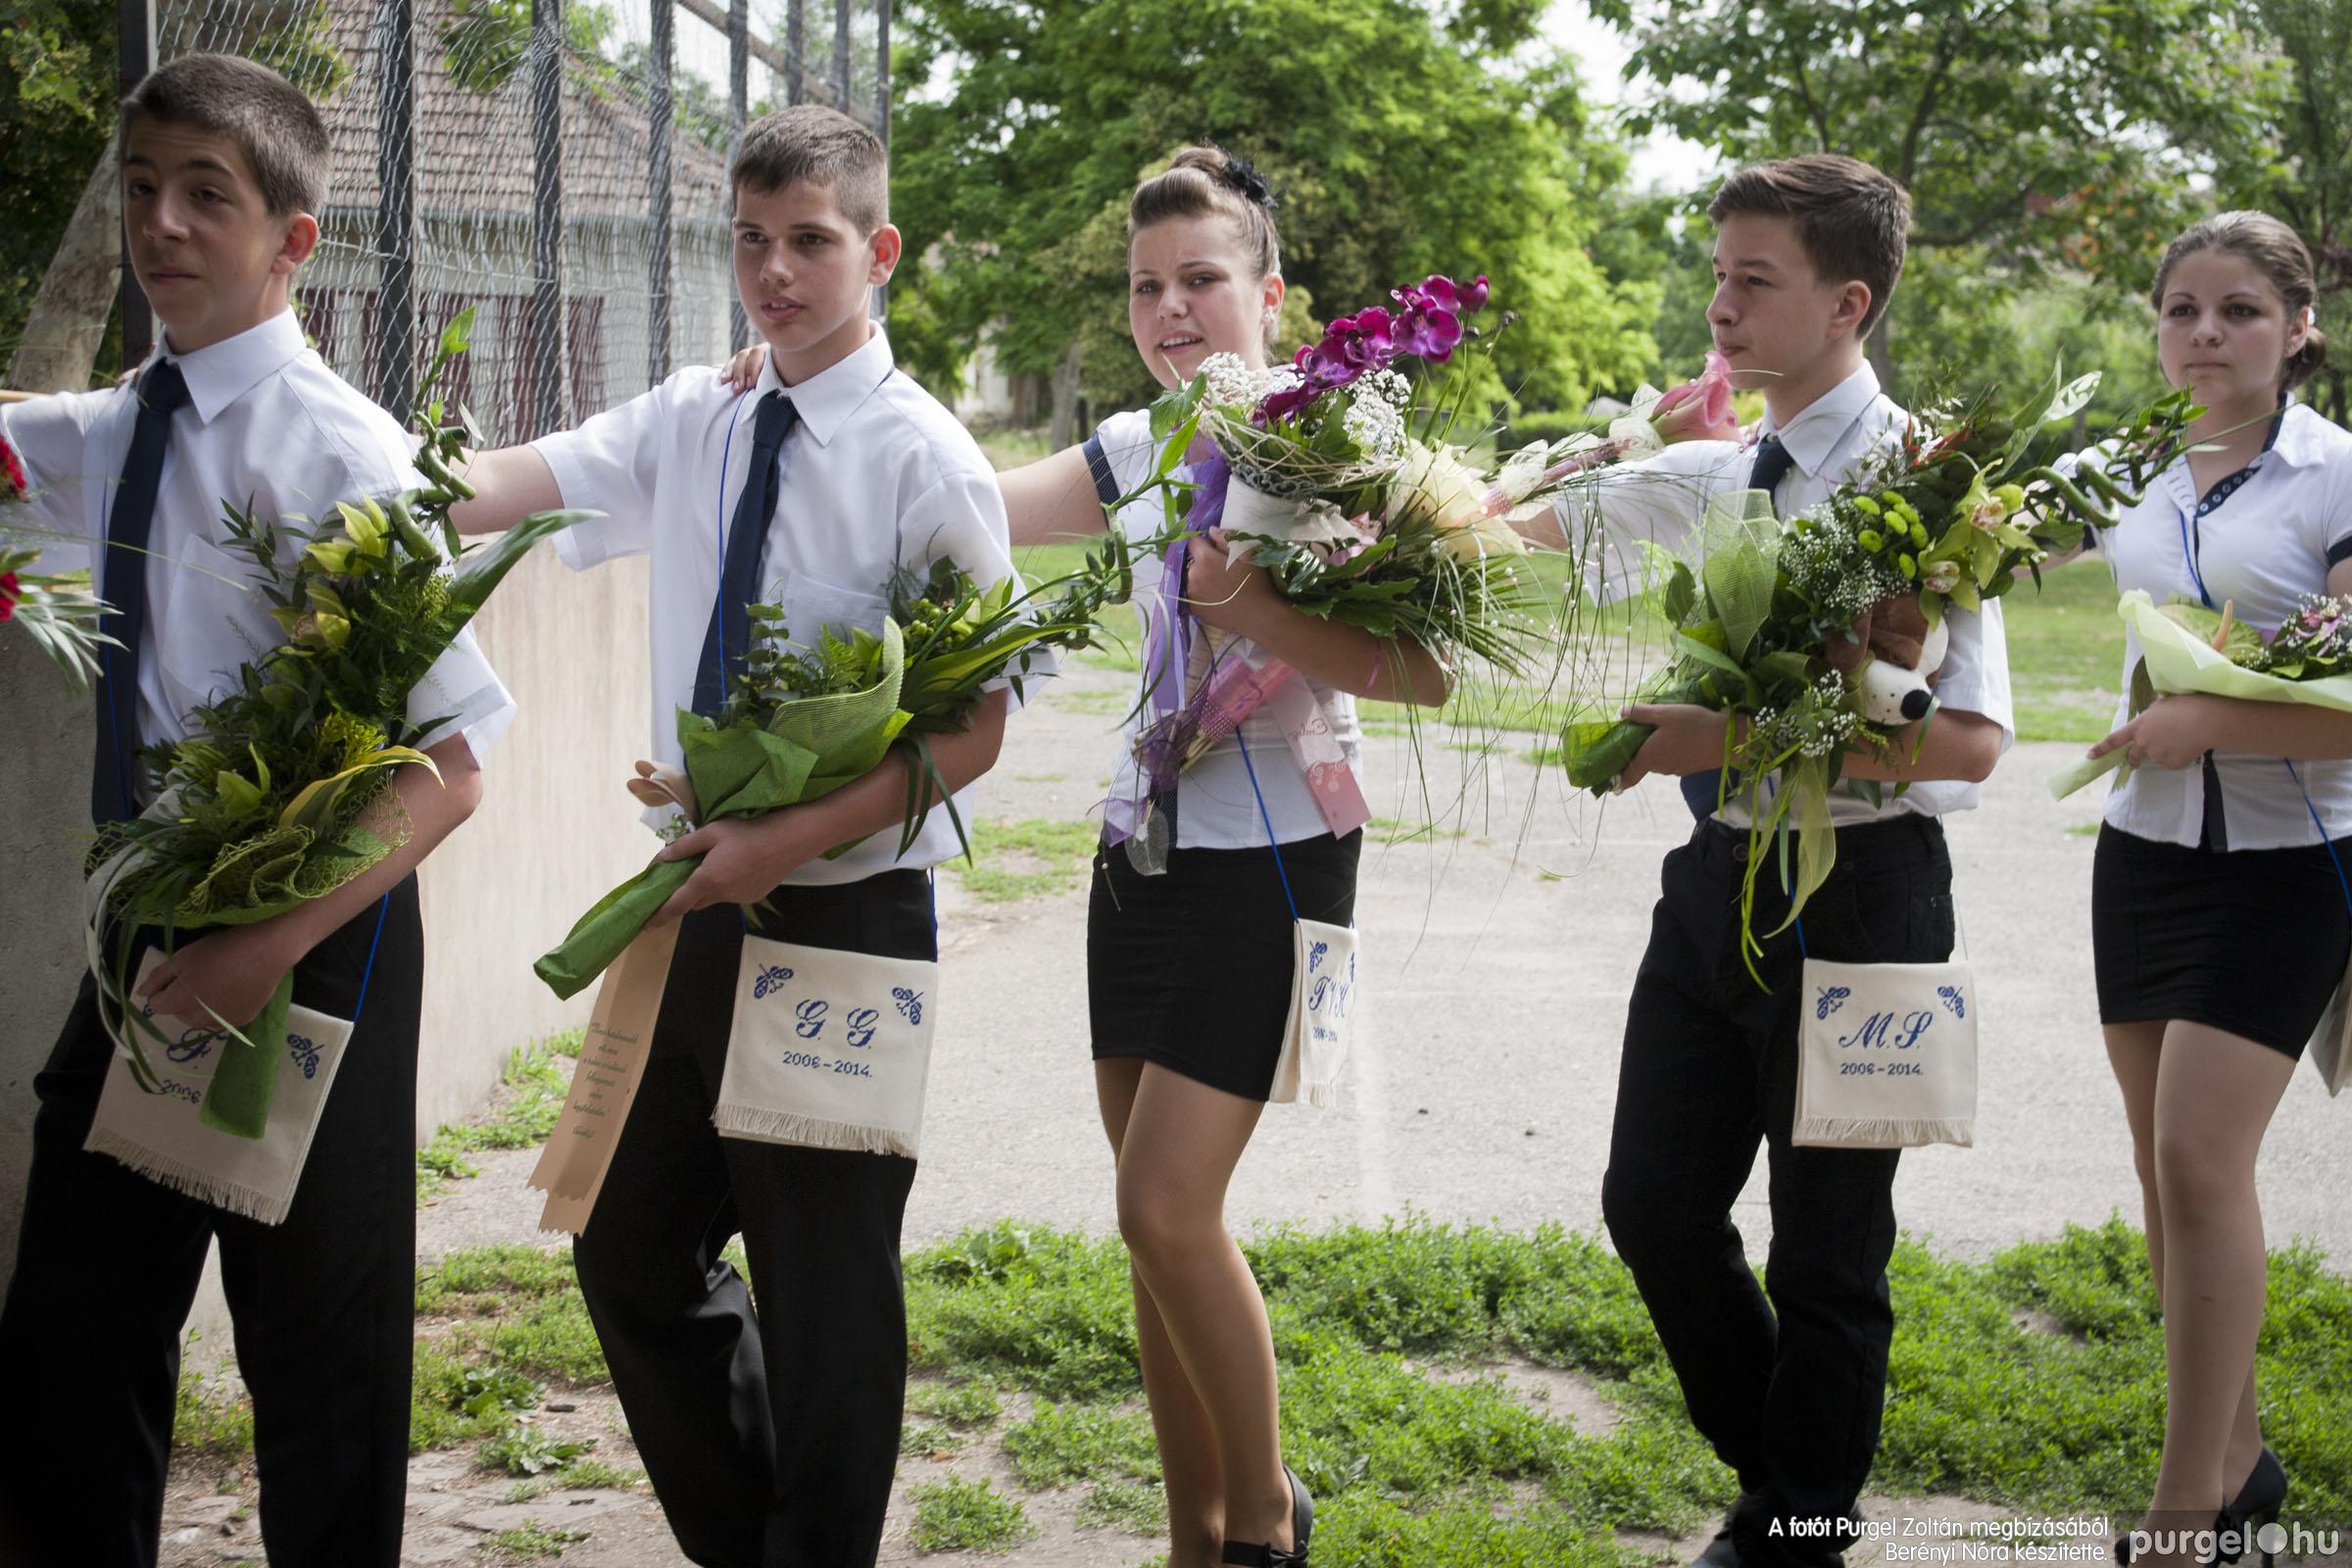 2014.06.14. 100 Forray Máté Általános Iskola ballagás 2014. - Fotó:BERÉNYI NÓRA© _MG_5672.jpg